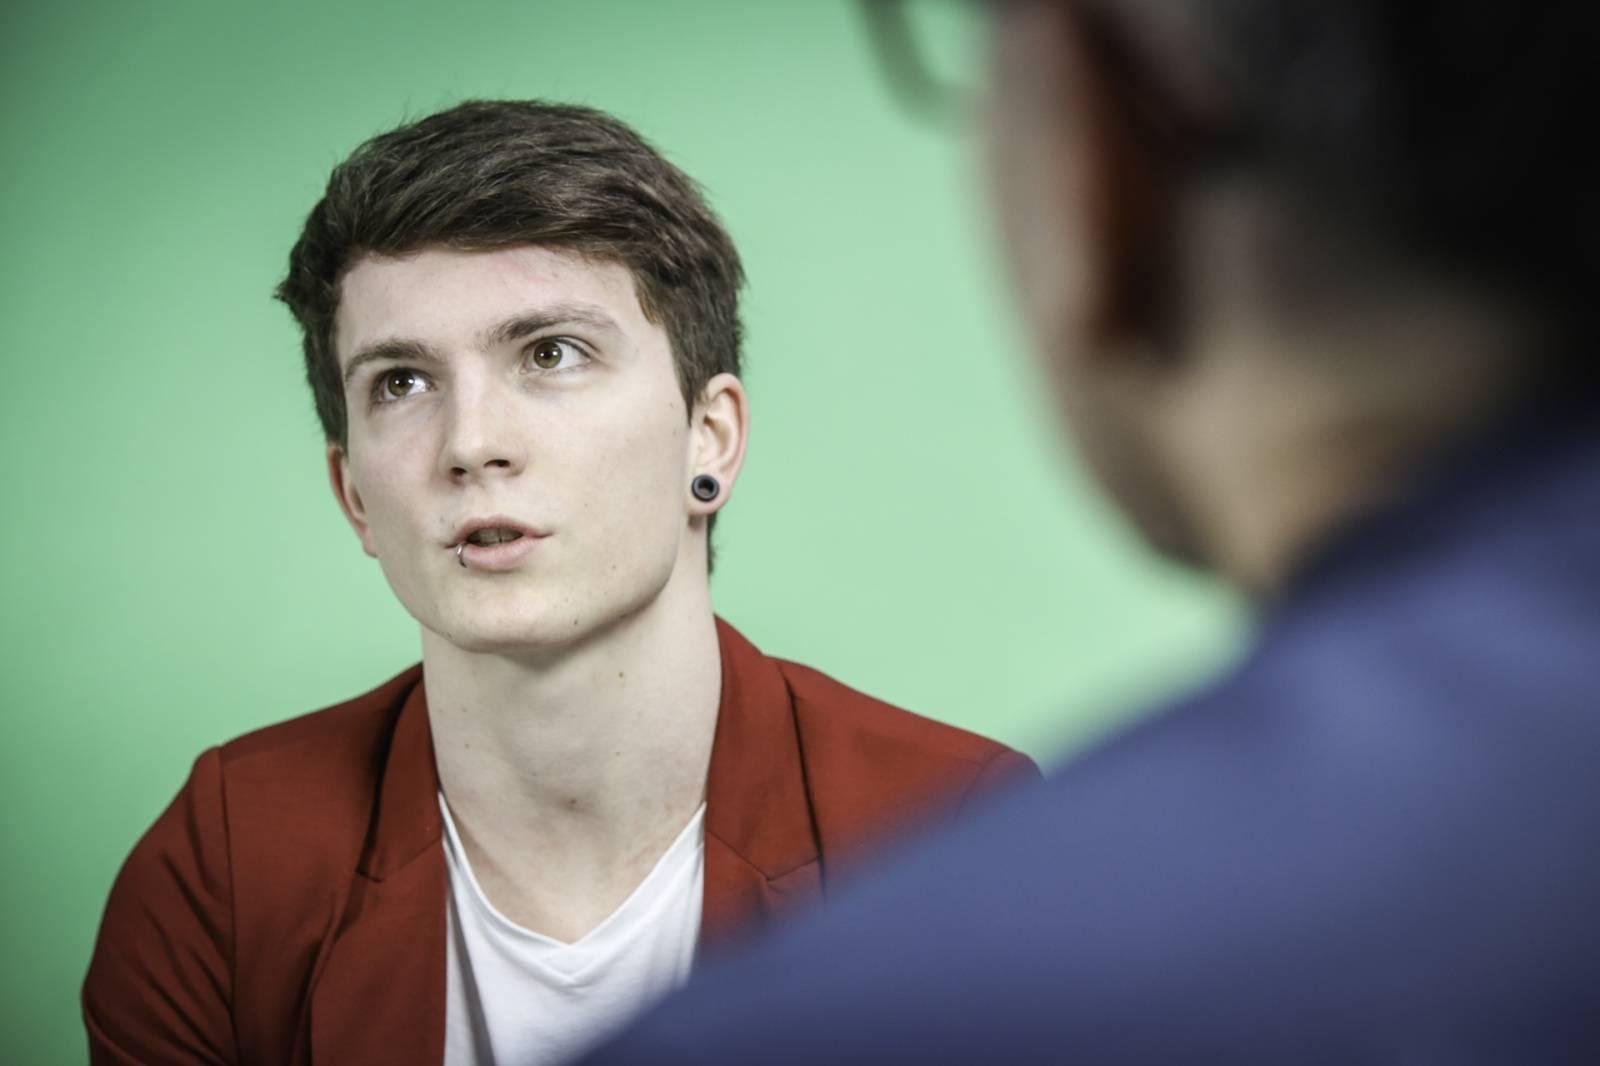 Mydy Rabycad interview: Když se lidi rozjedou, je to stejné všude na světě